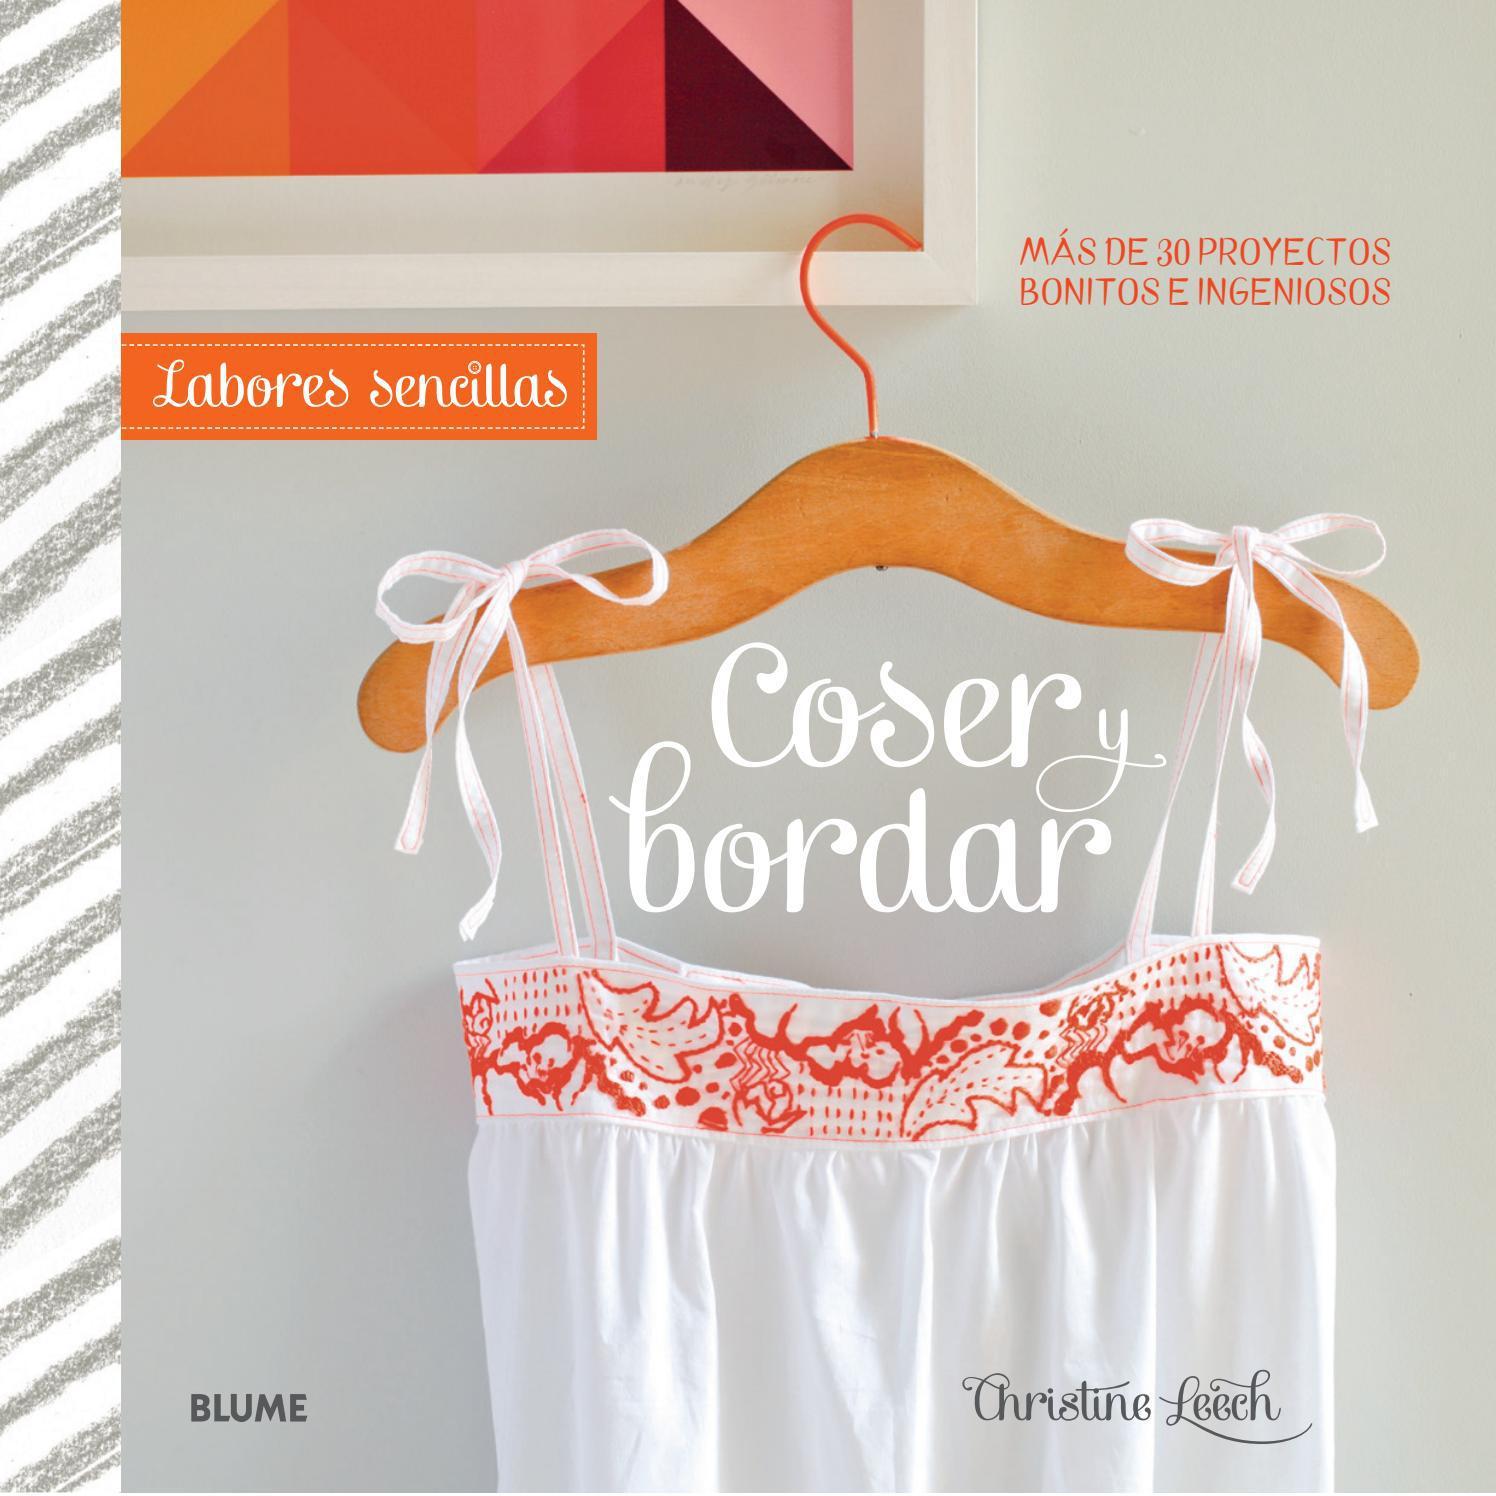 Coser y bordar by Editorial Blume - issuu